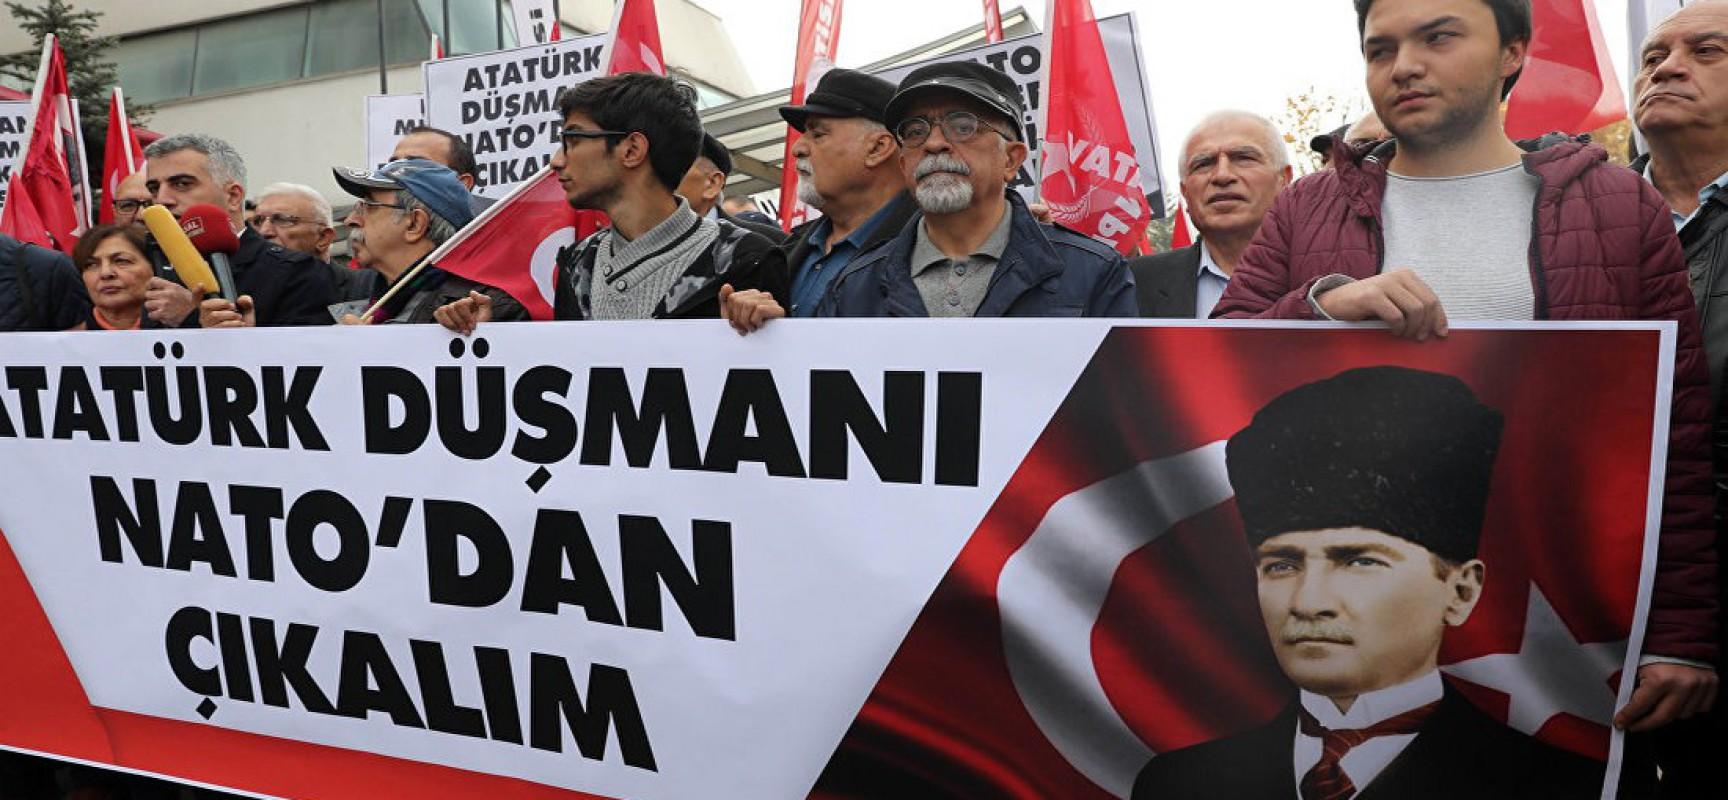 Insultée, la Turquie souhaite sortir de l'OTAN